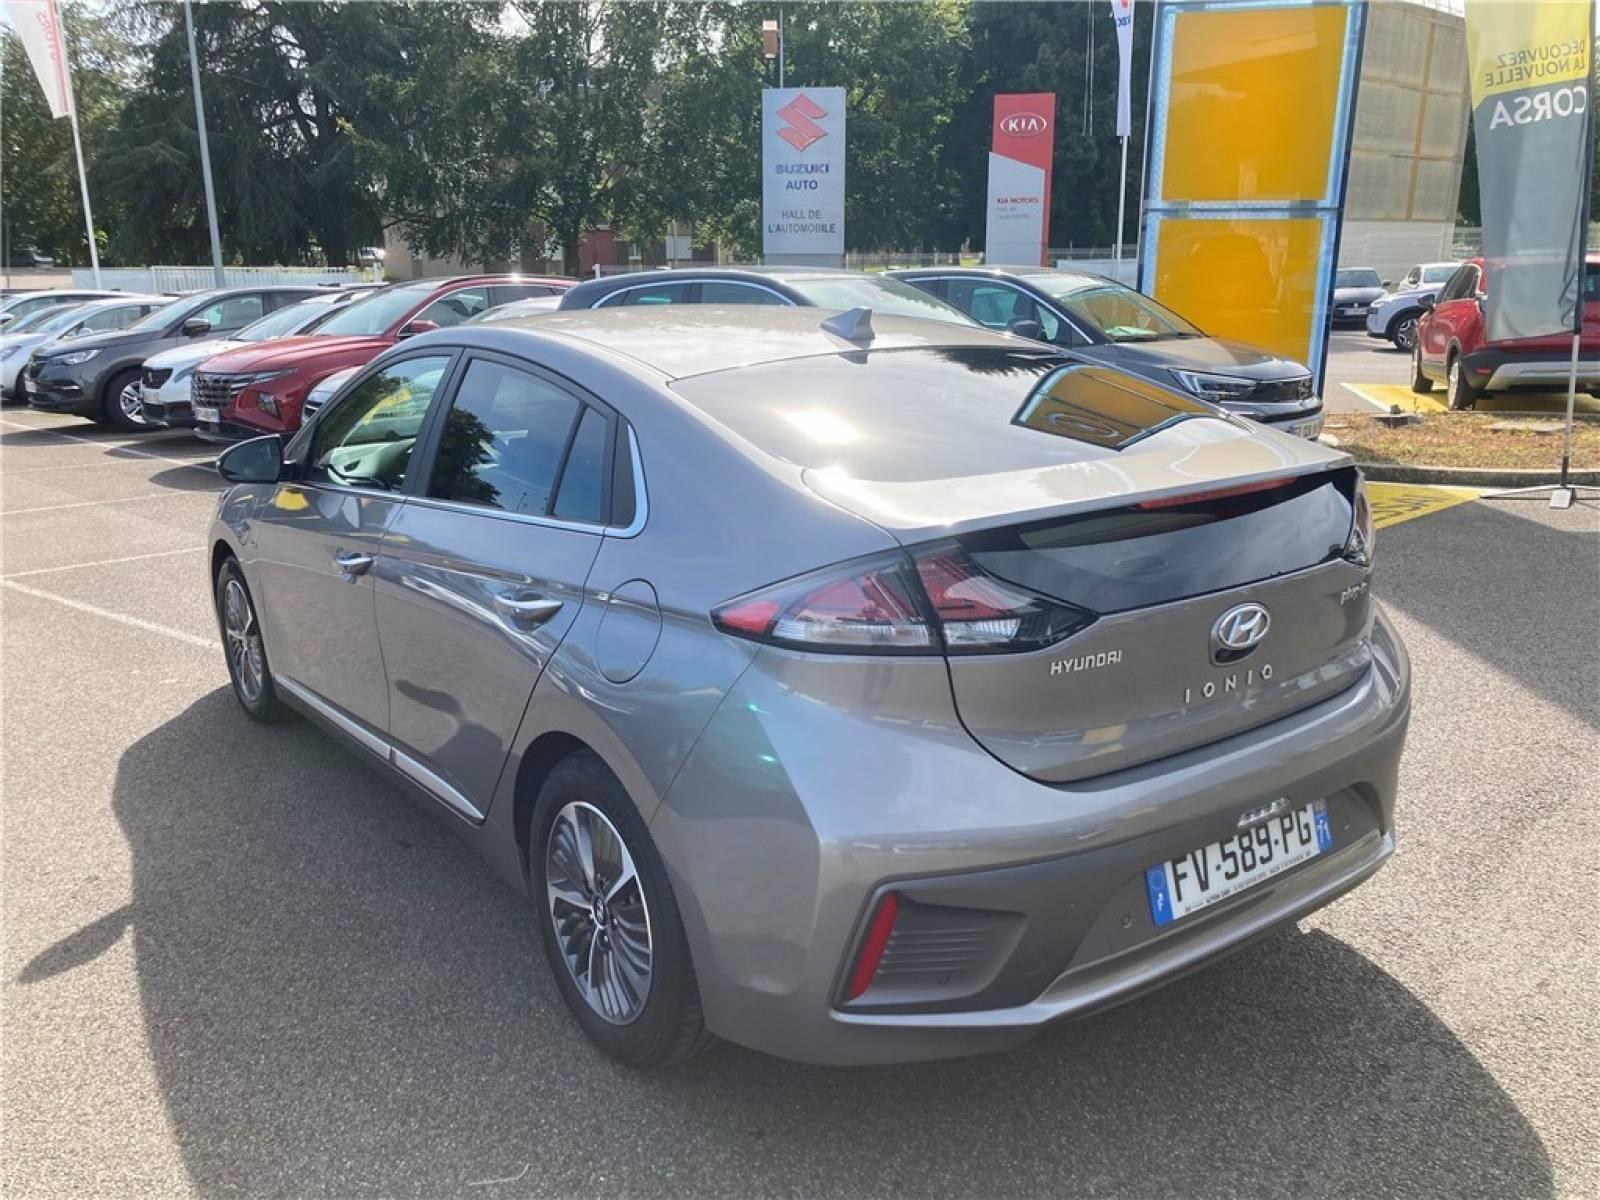 HYUNDAI Ioniq Plug-in 141 ch - véhicule d'occasion - Groupe Guillet - Hyundai - Zenith Motors – Montceau-les-Mines - 71300 - Montceau-les-Mines - 5